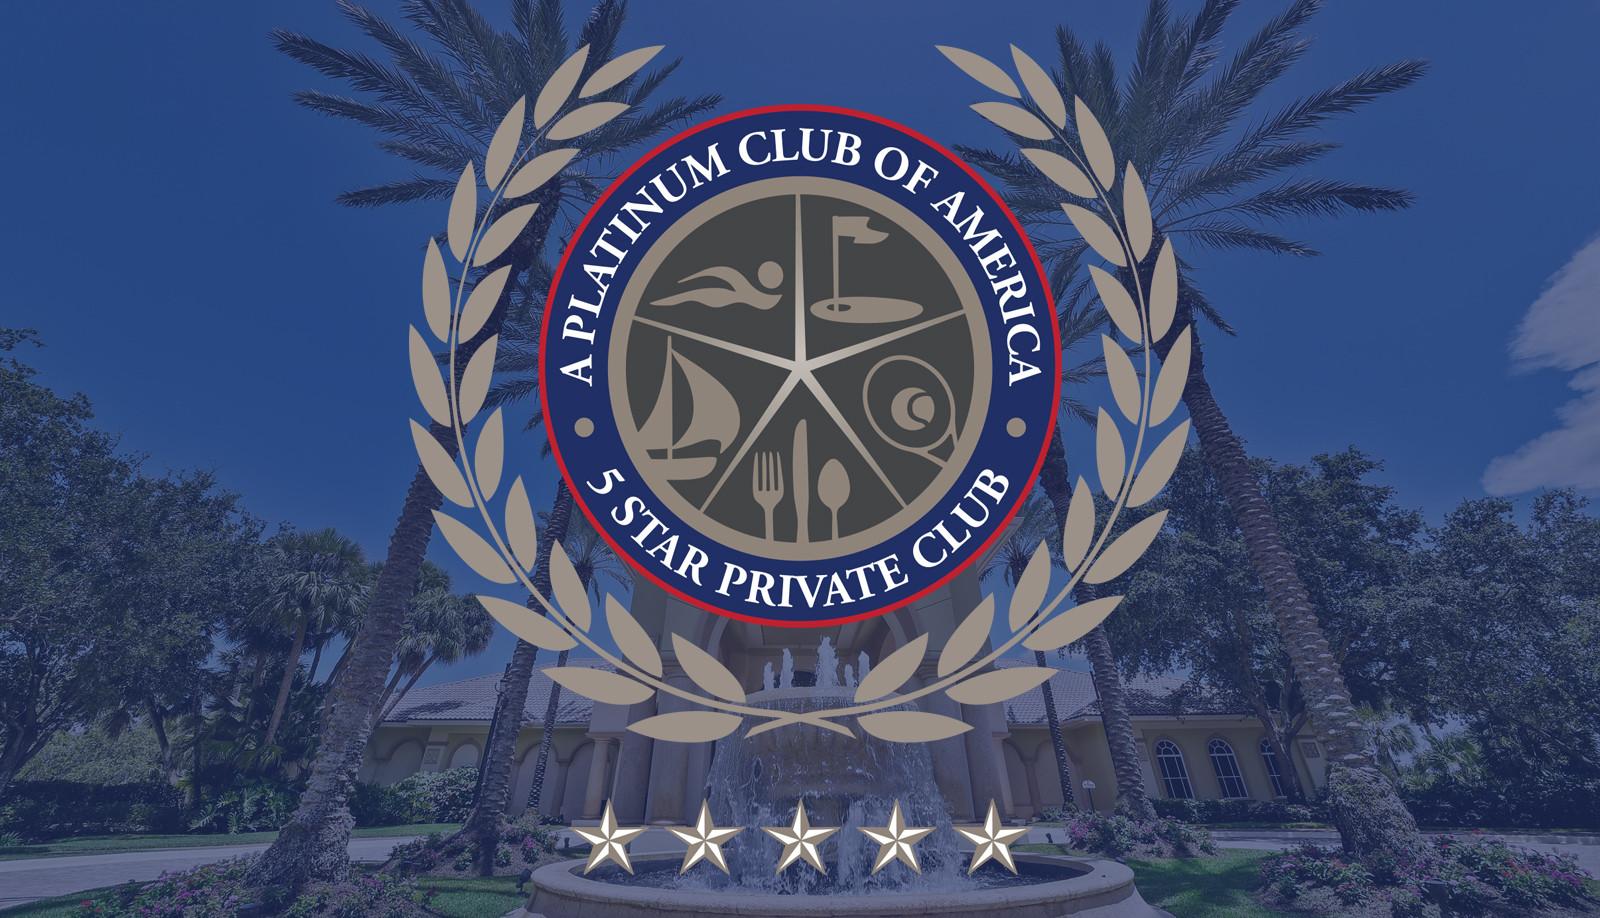 platinum club of america mizner country club